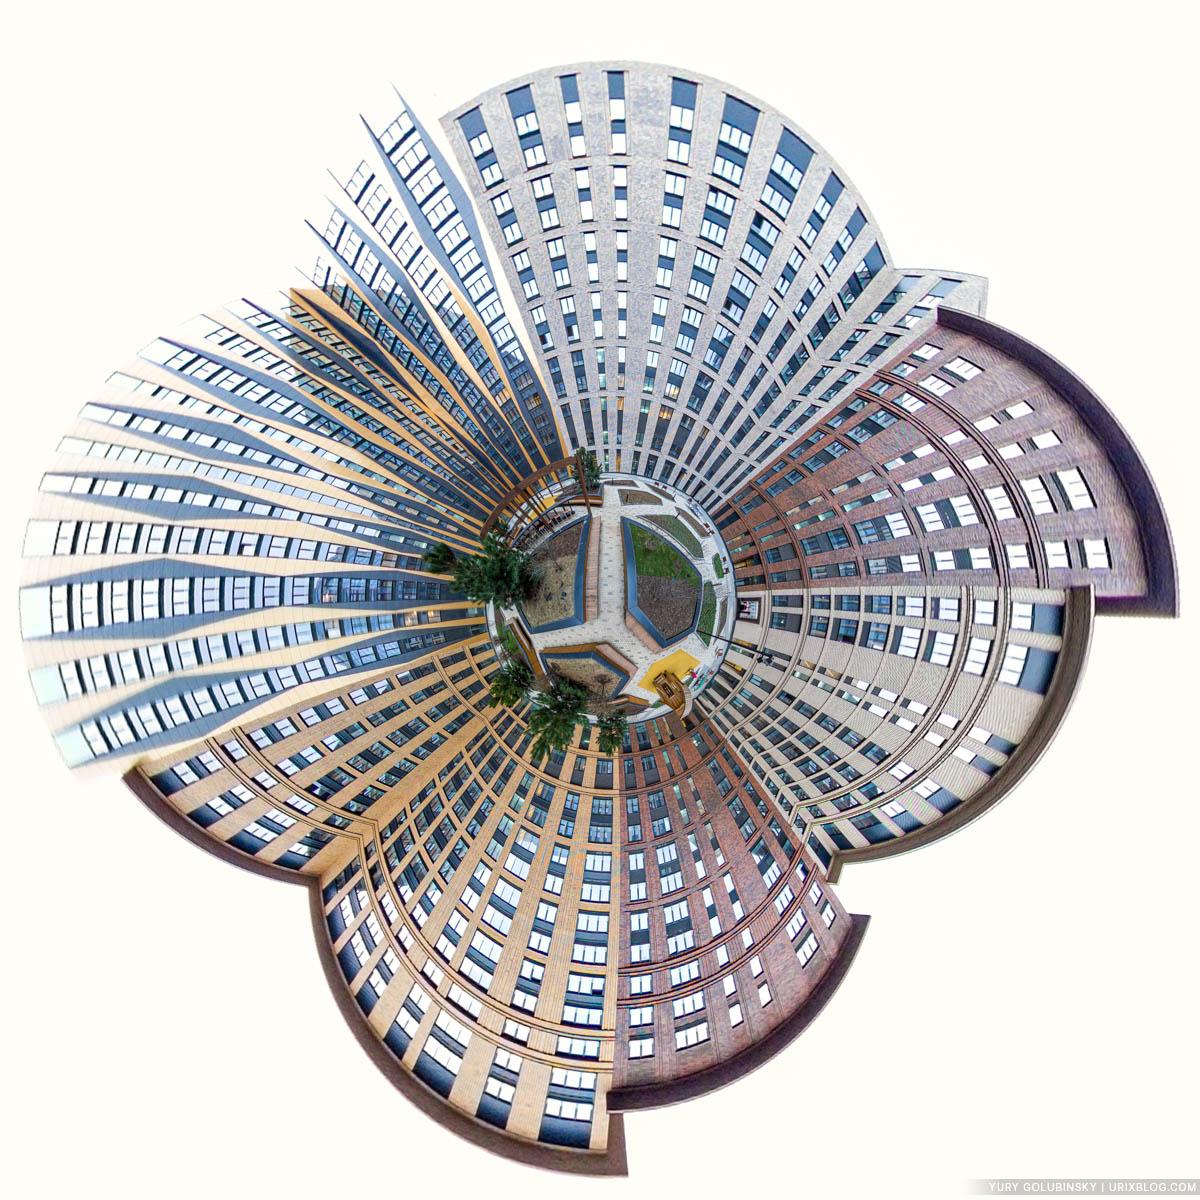 Двор-колодец, Петровский корпус, ЖК Царская Площадь, маленькая планета, панорама, Москва, Россия, 2020